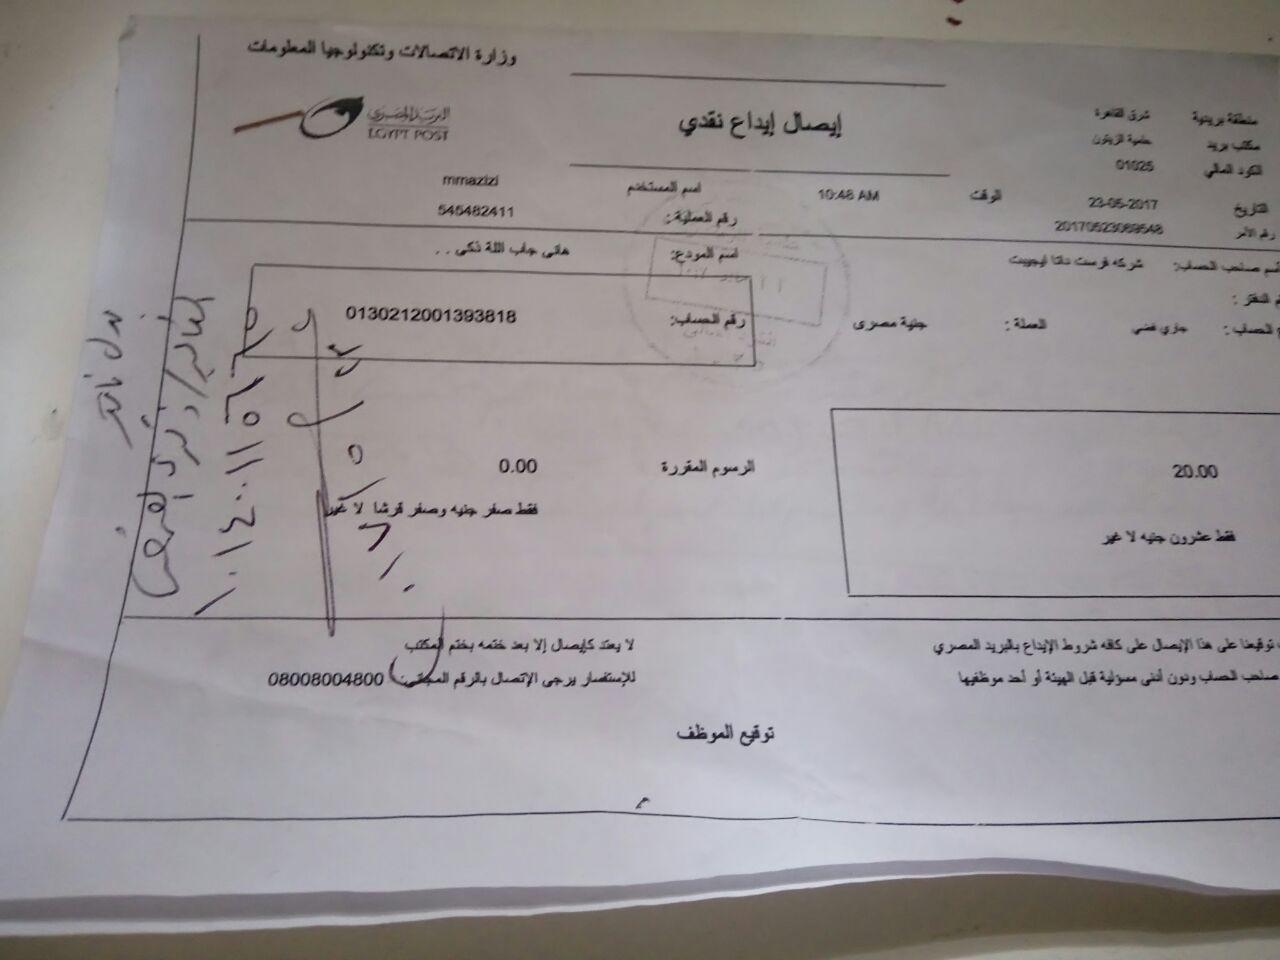 كعب داير.. «هاني» يبحث عن بطاقته التموينية بين مكاتب المسؤولين منذ شهور دون استجابة